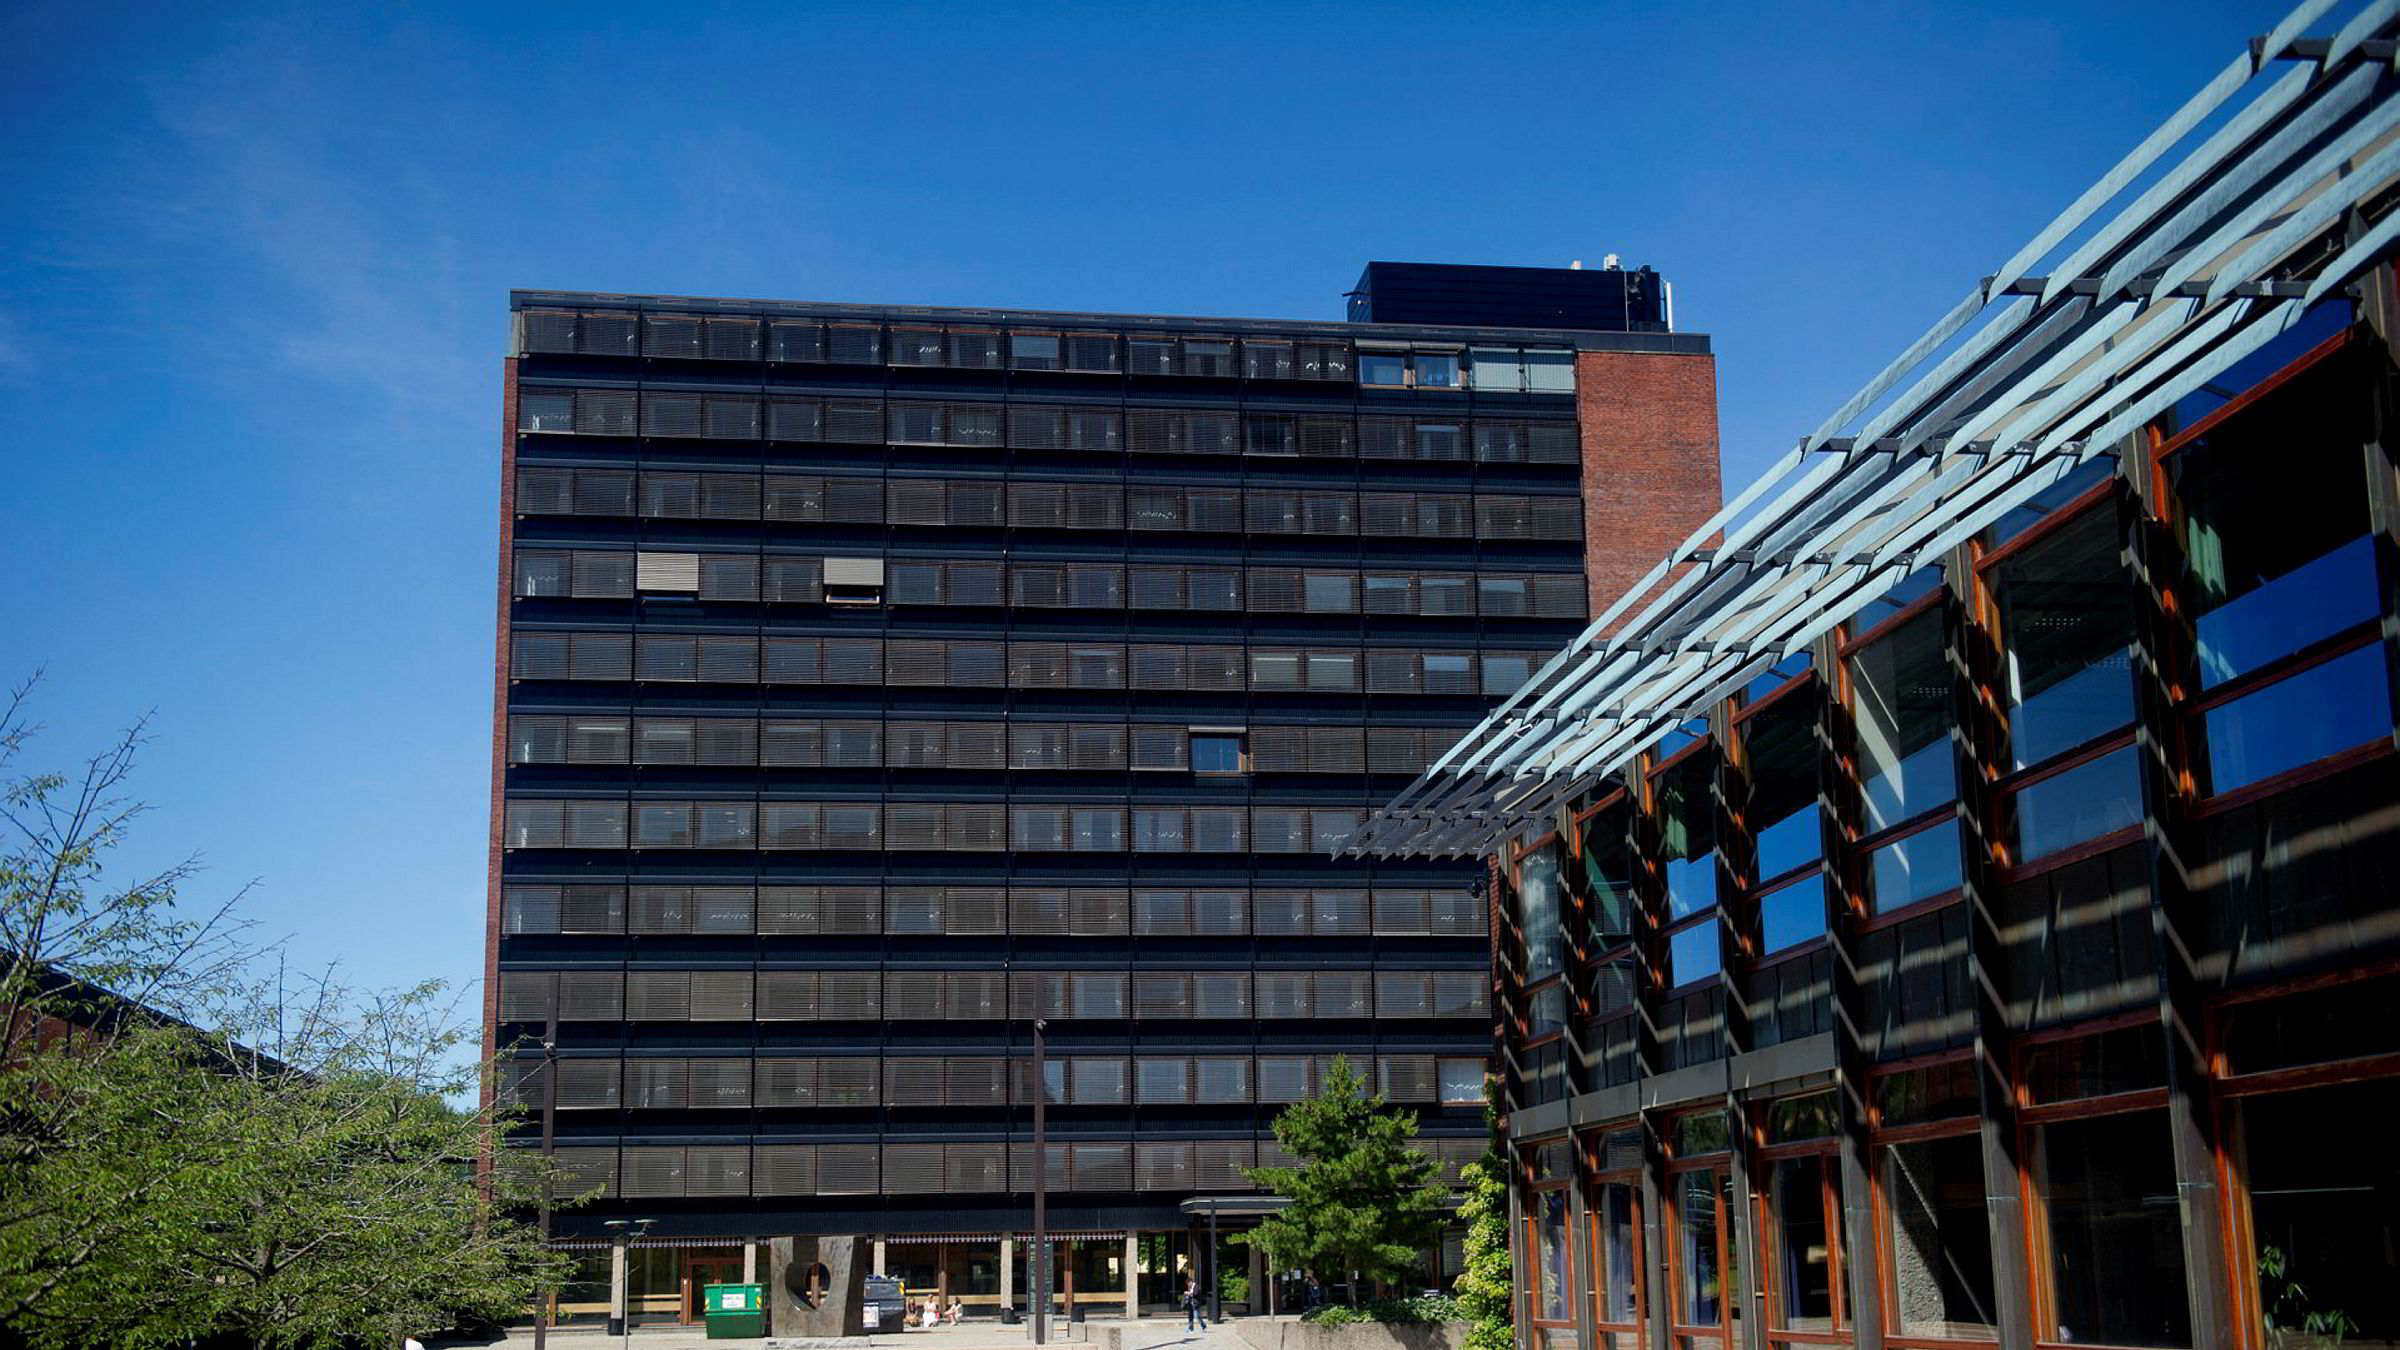 Universiteter og høgskoler avlyser nå i tur og orden utvekslingsprogram til land utenfor Europa. Universitetet i Oslo har avlyst all fysisk studentutveksling til høsten.